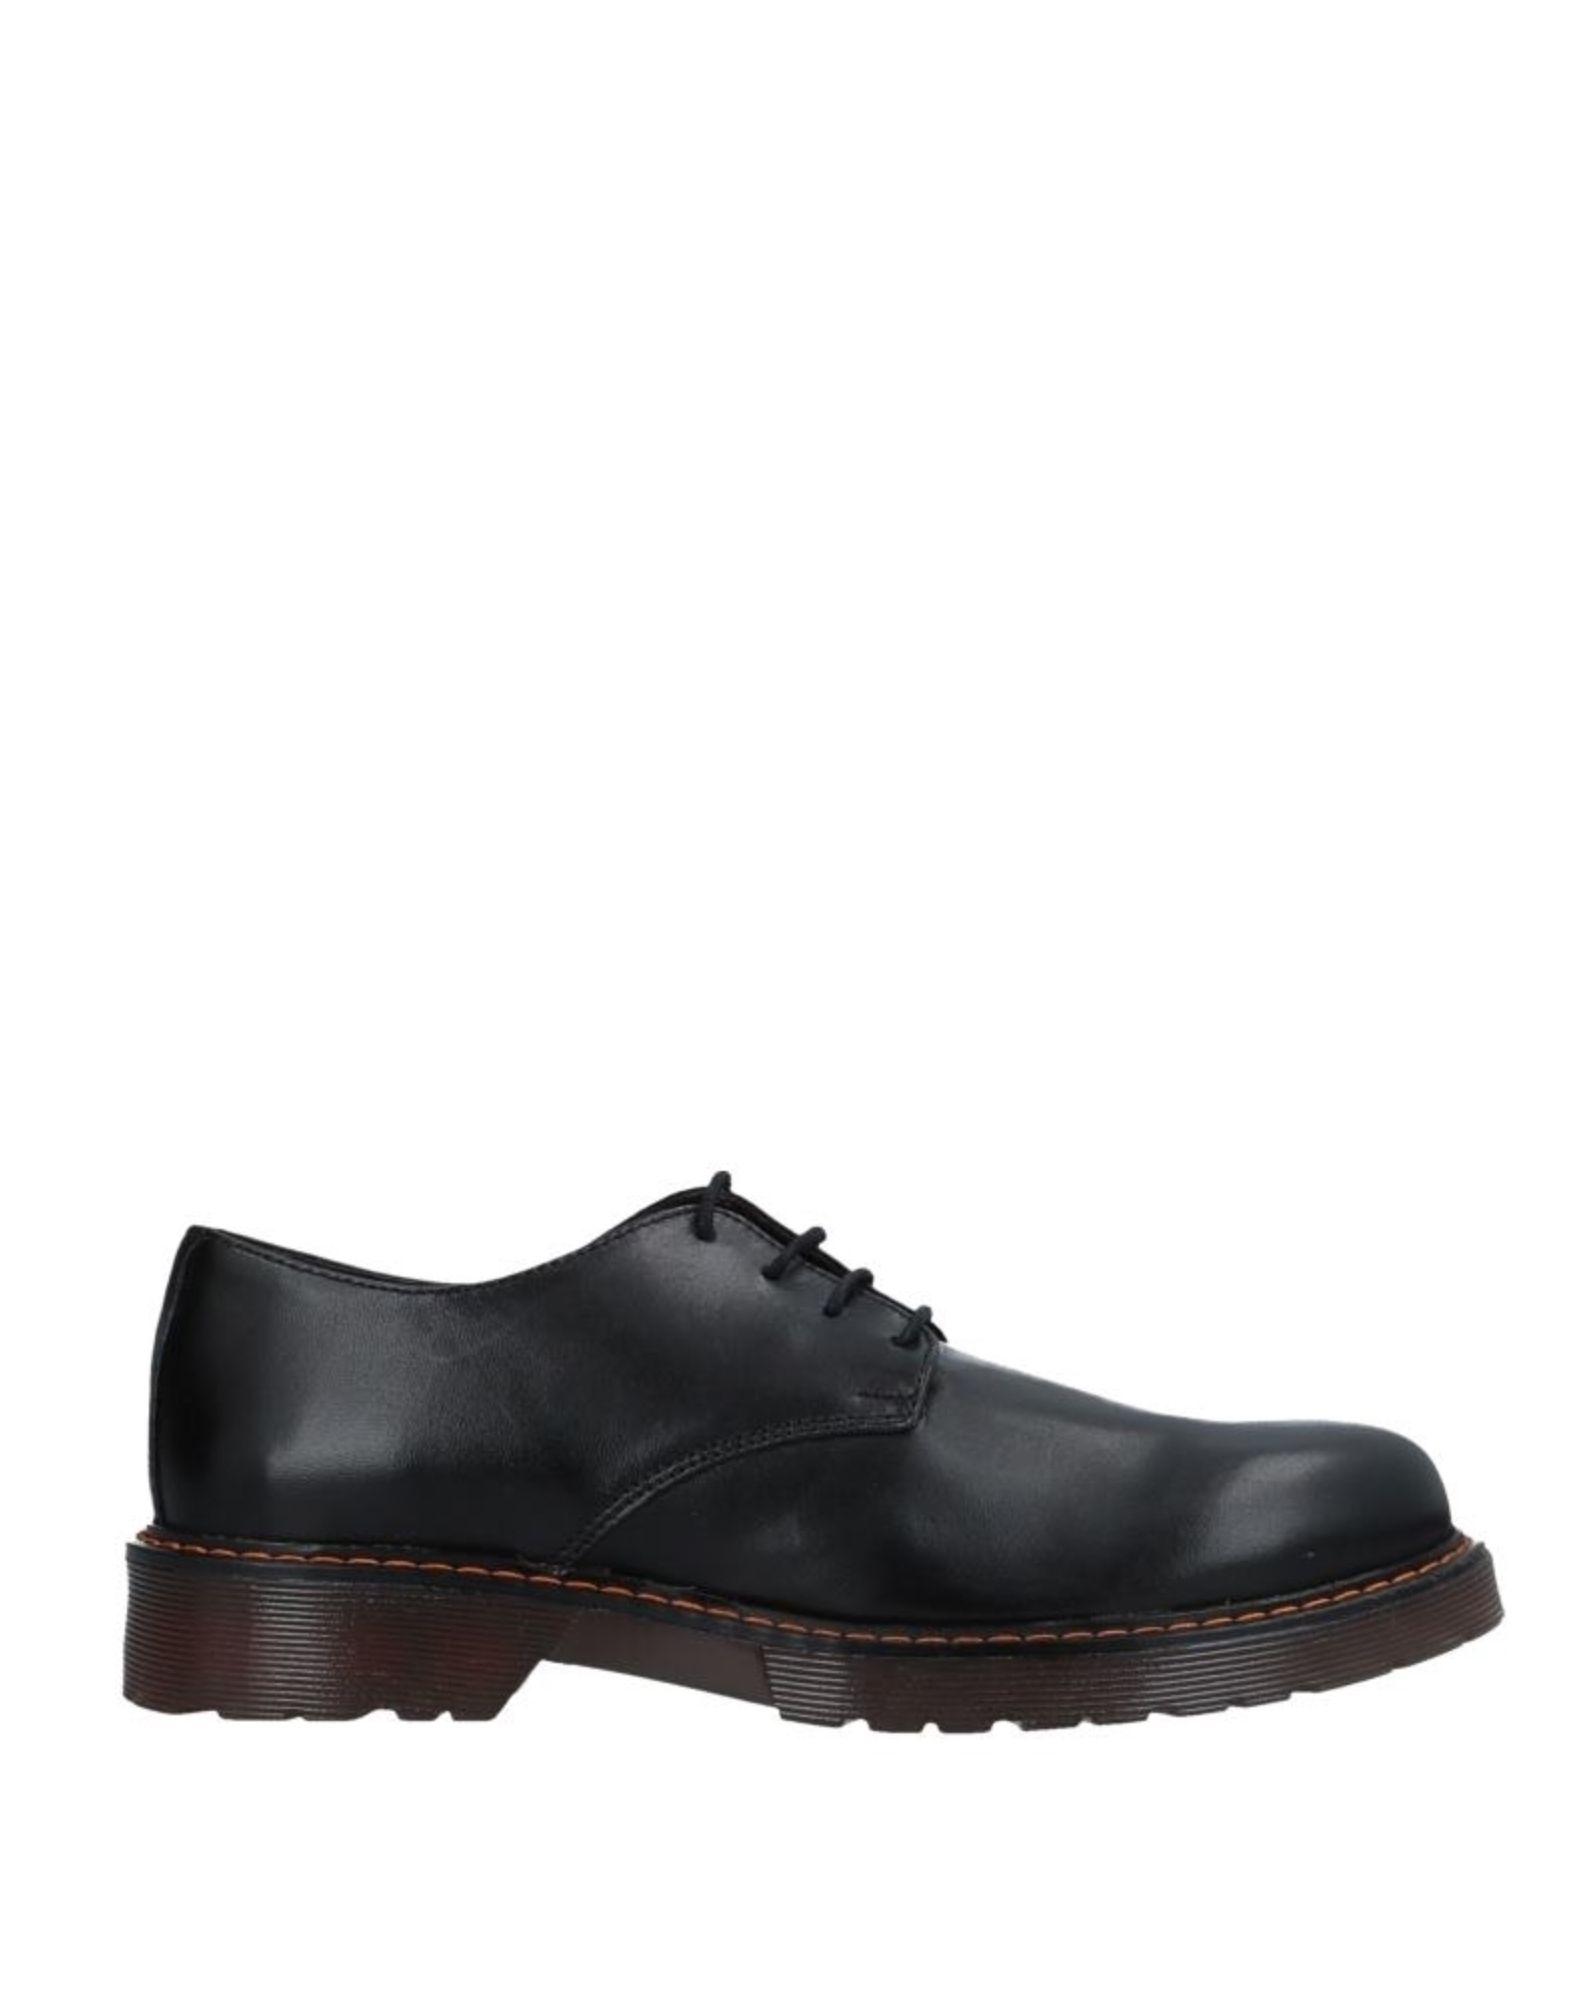 MAURO FEDELI Обувь на шнурках первый внутри обувь обувь обувь обувь обувь обувь обувь обувь обувь 8a2549 мужская армия green 40 метров